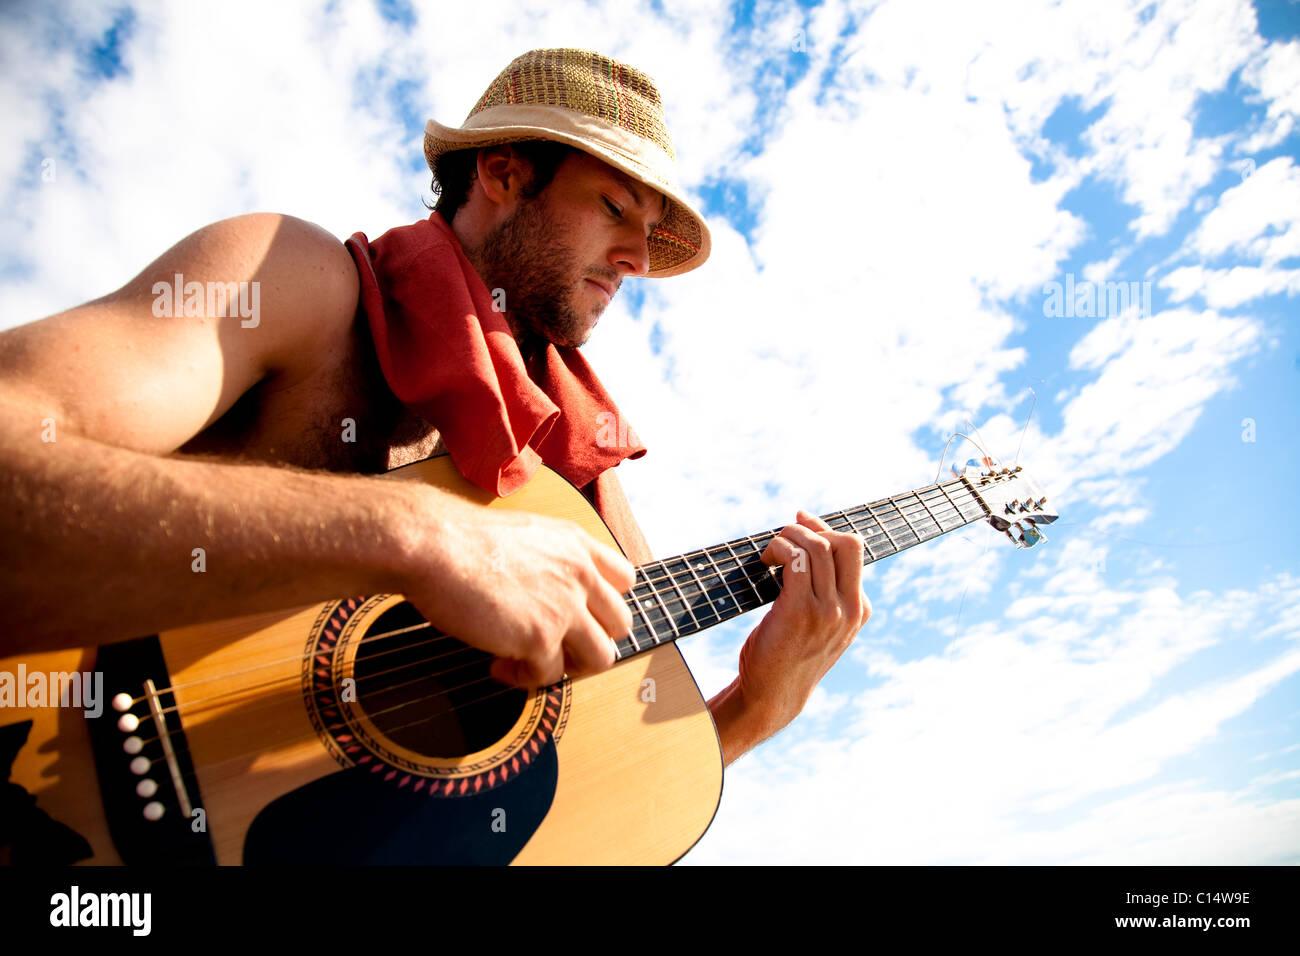 Un giovane uomo svolge la sua chitarra mentre su una barca da pesca al largo della costa della Malakati, Fiji. Immagini Stock